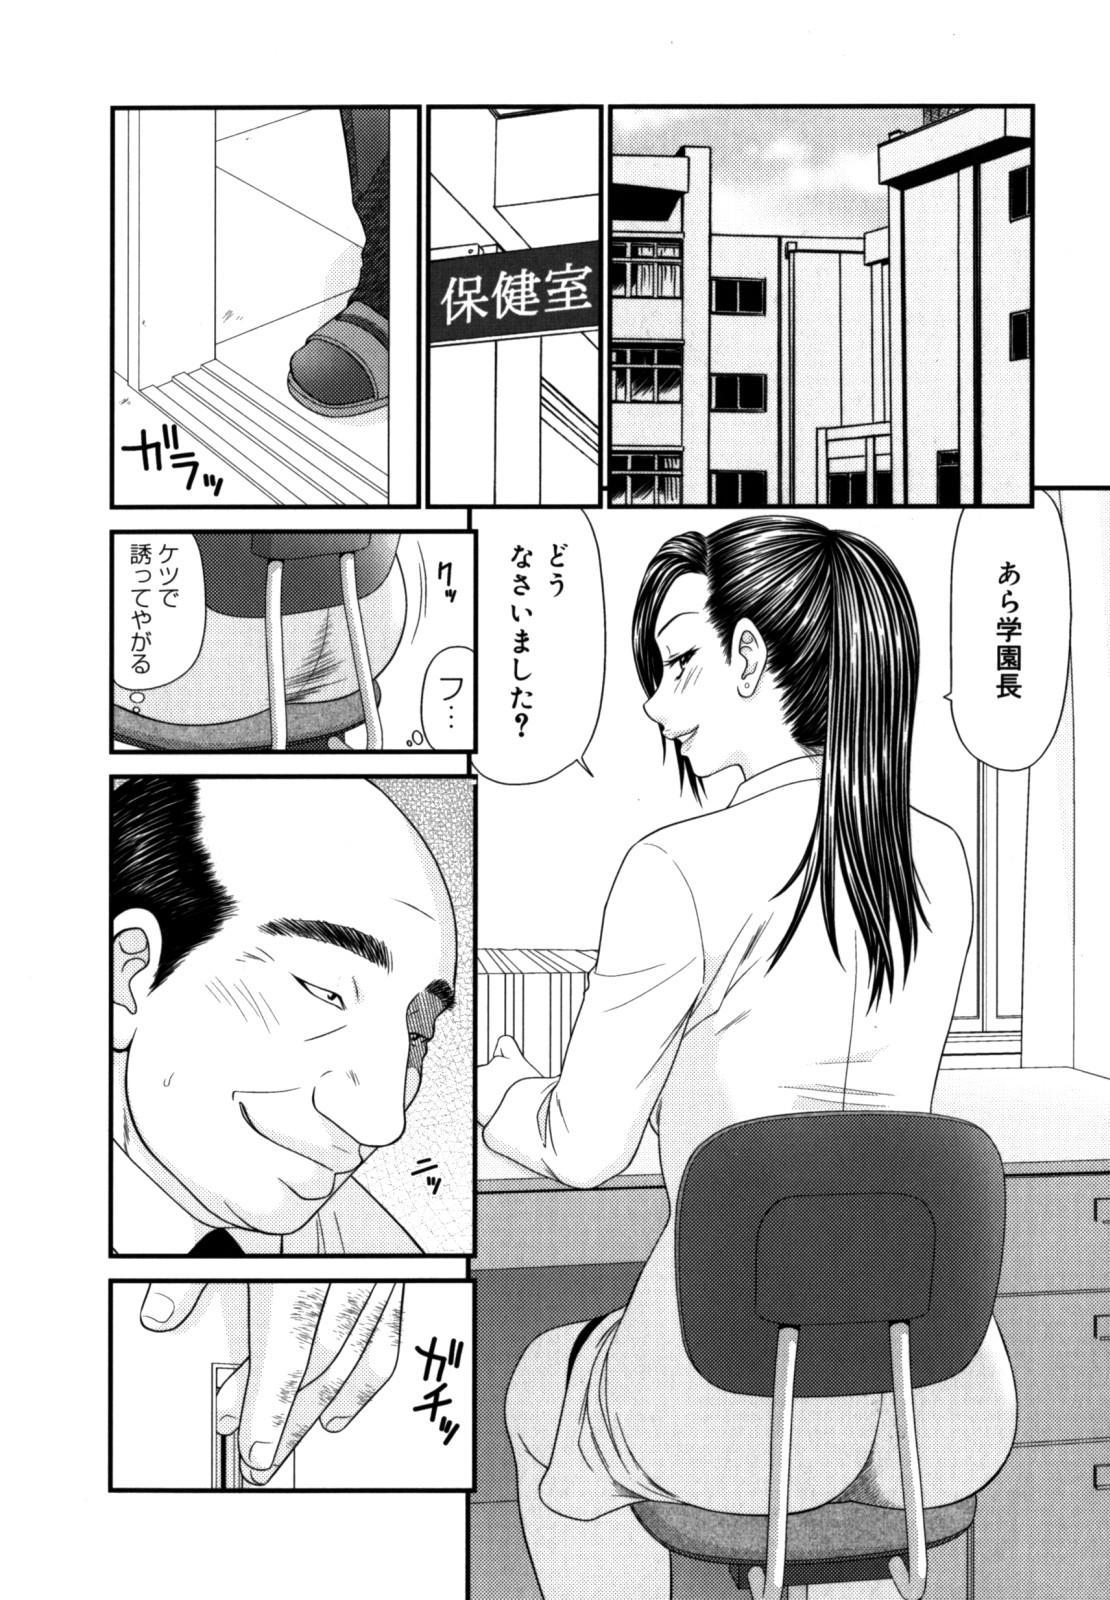 Gakuen no Mushikera 2 49